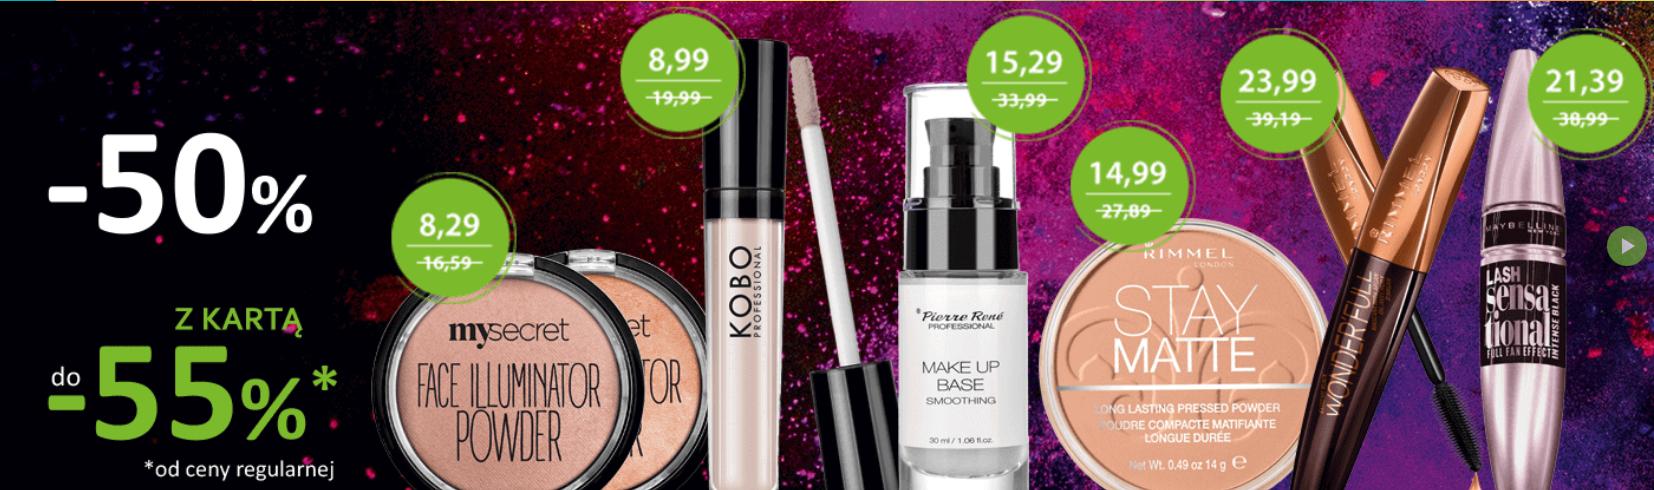 Kosmetyki do makijażu z do -50% (z kartą -55%)